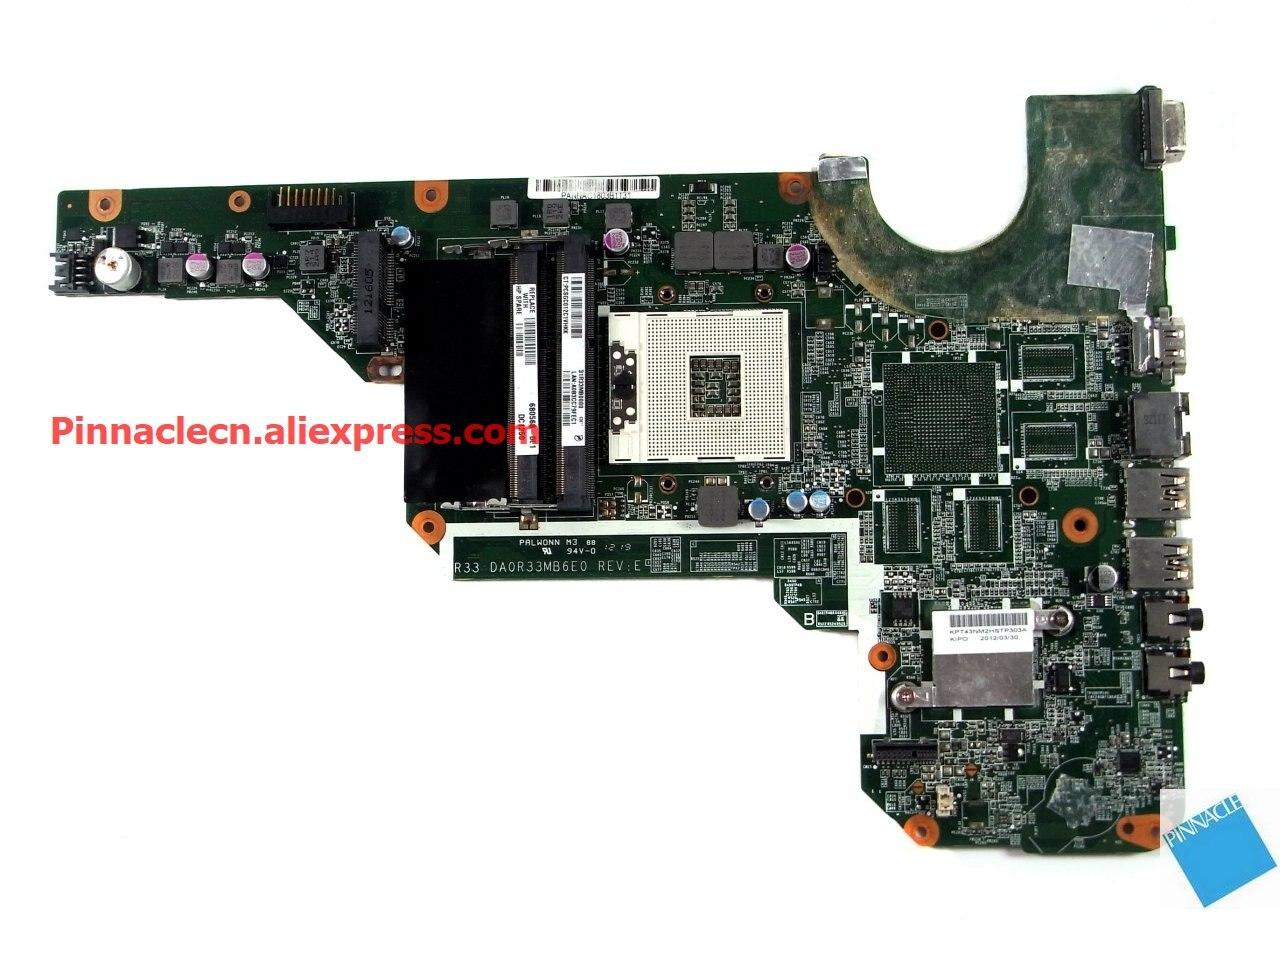 680568-001 placa-mãe para hp pavilion g4 g6 G7-2000 r33 da0r33mb6e0